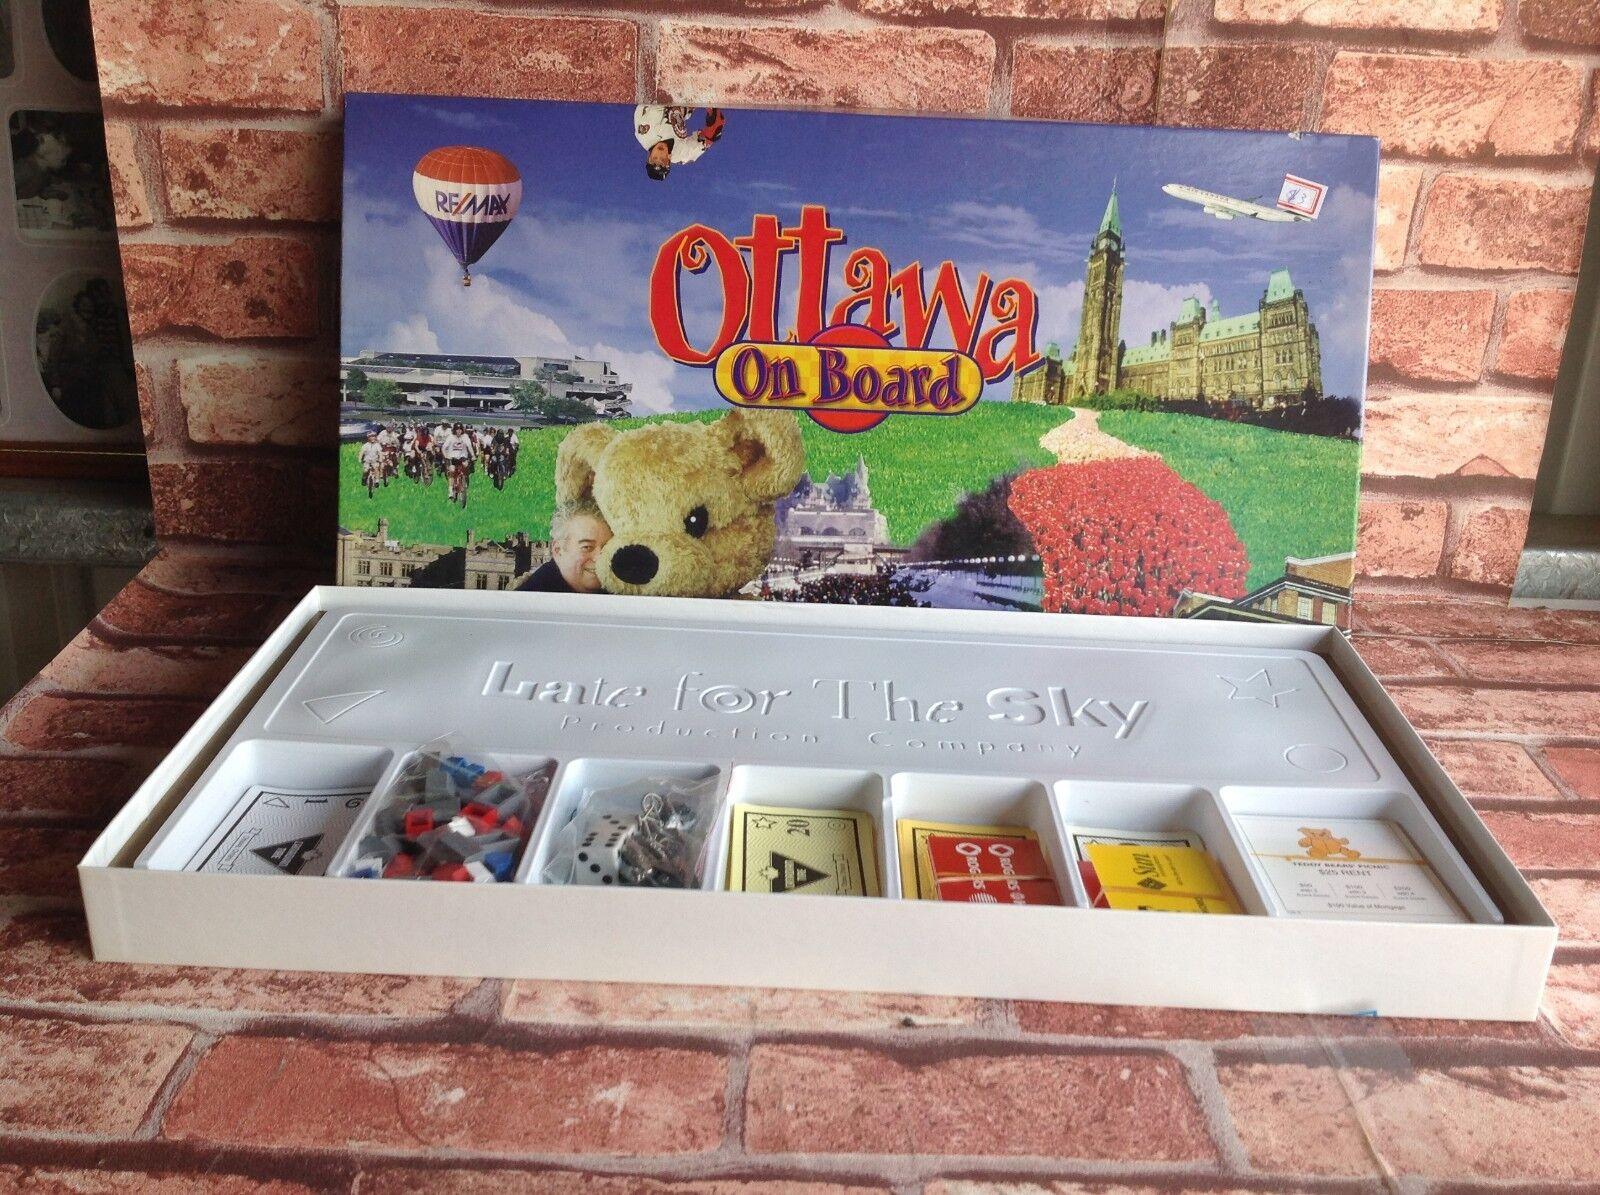 Ottawa Ottawa Ottawa termina el juego canadiense de ajedrez a bordo del barco. fb6